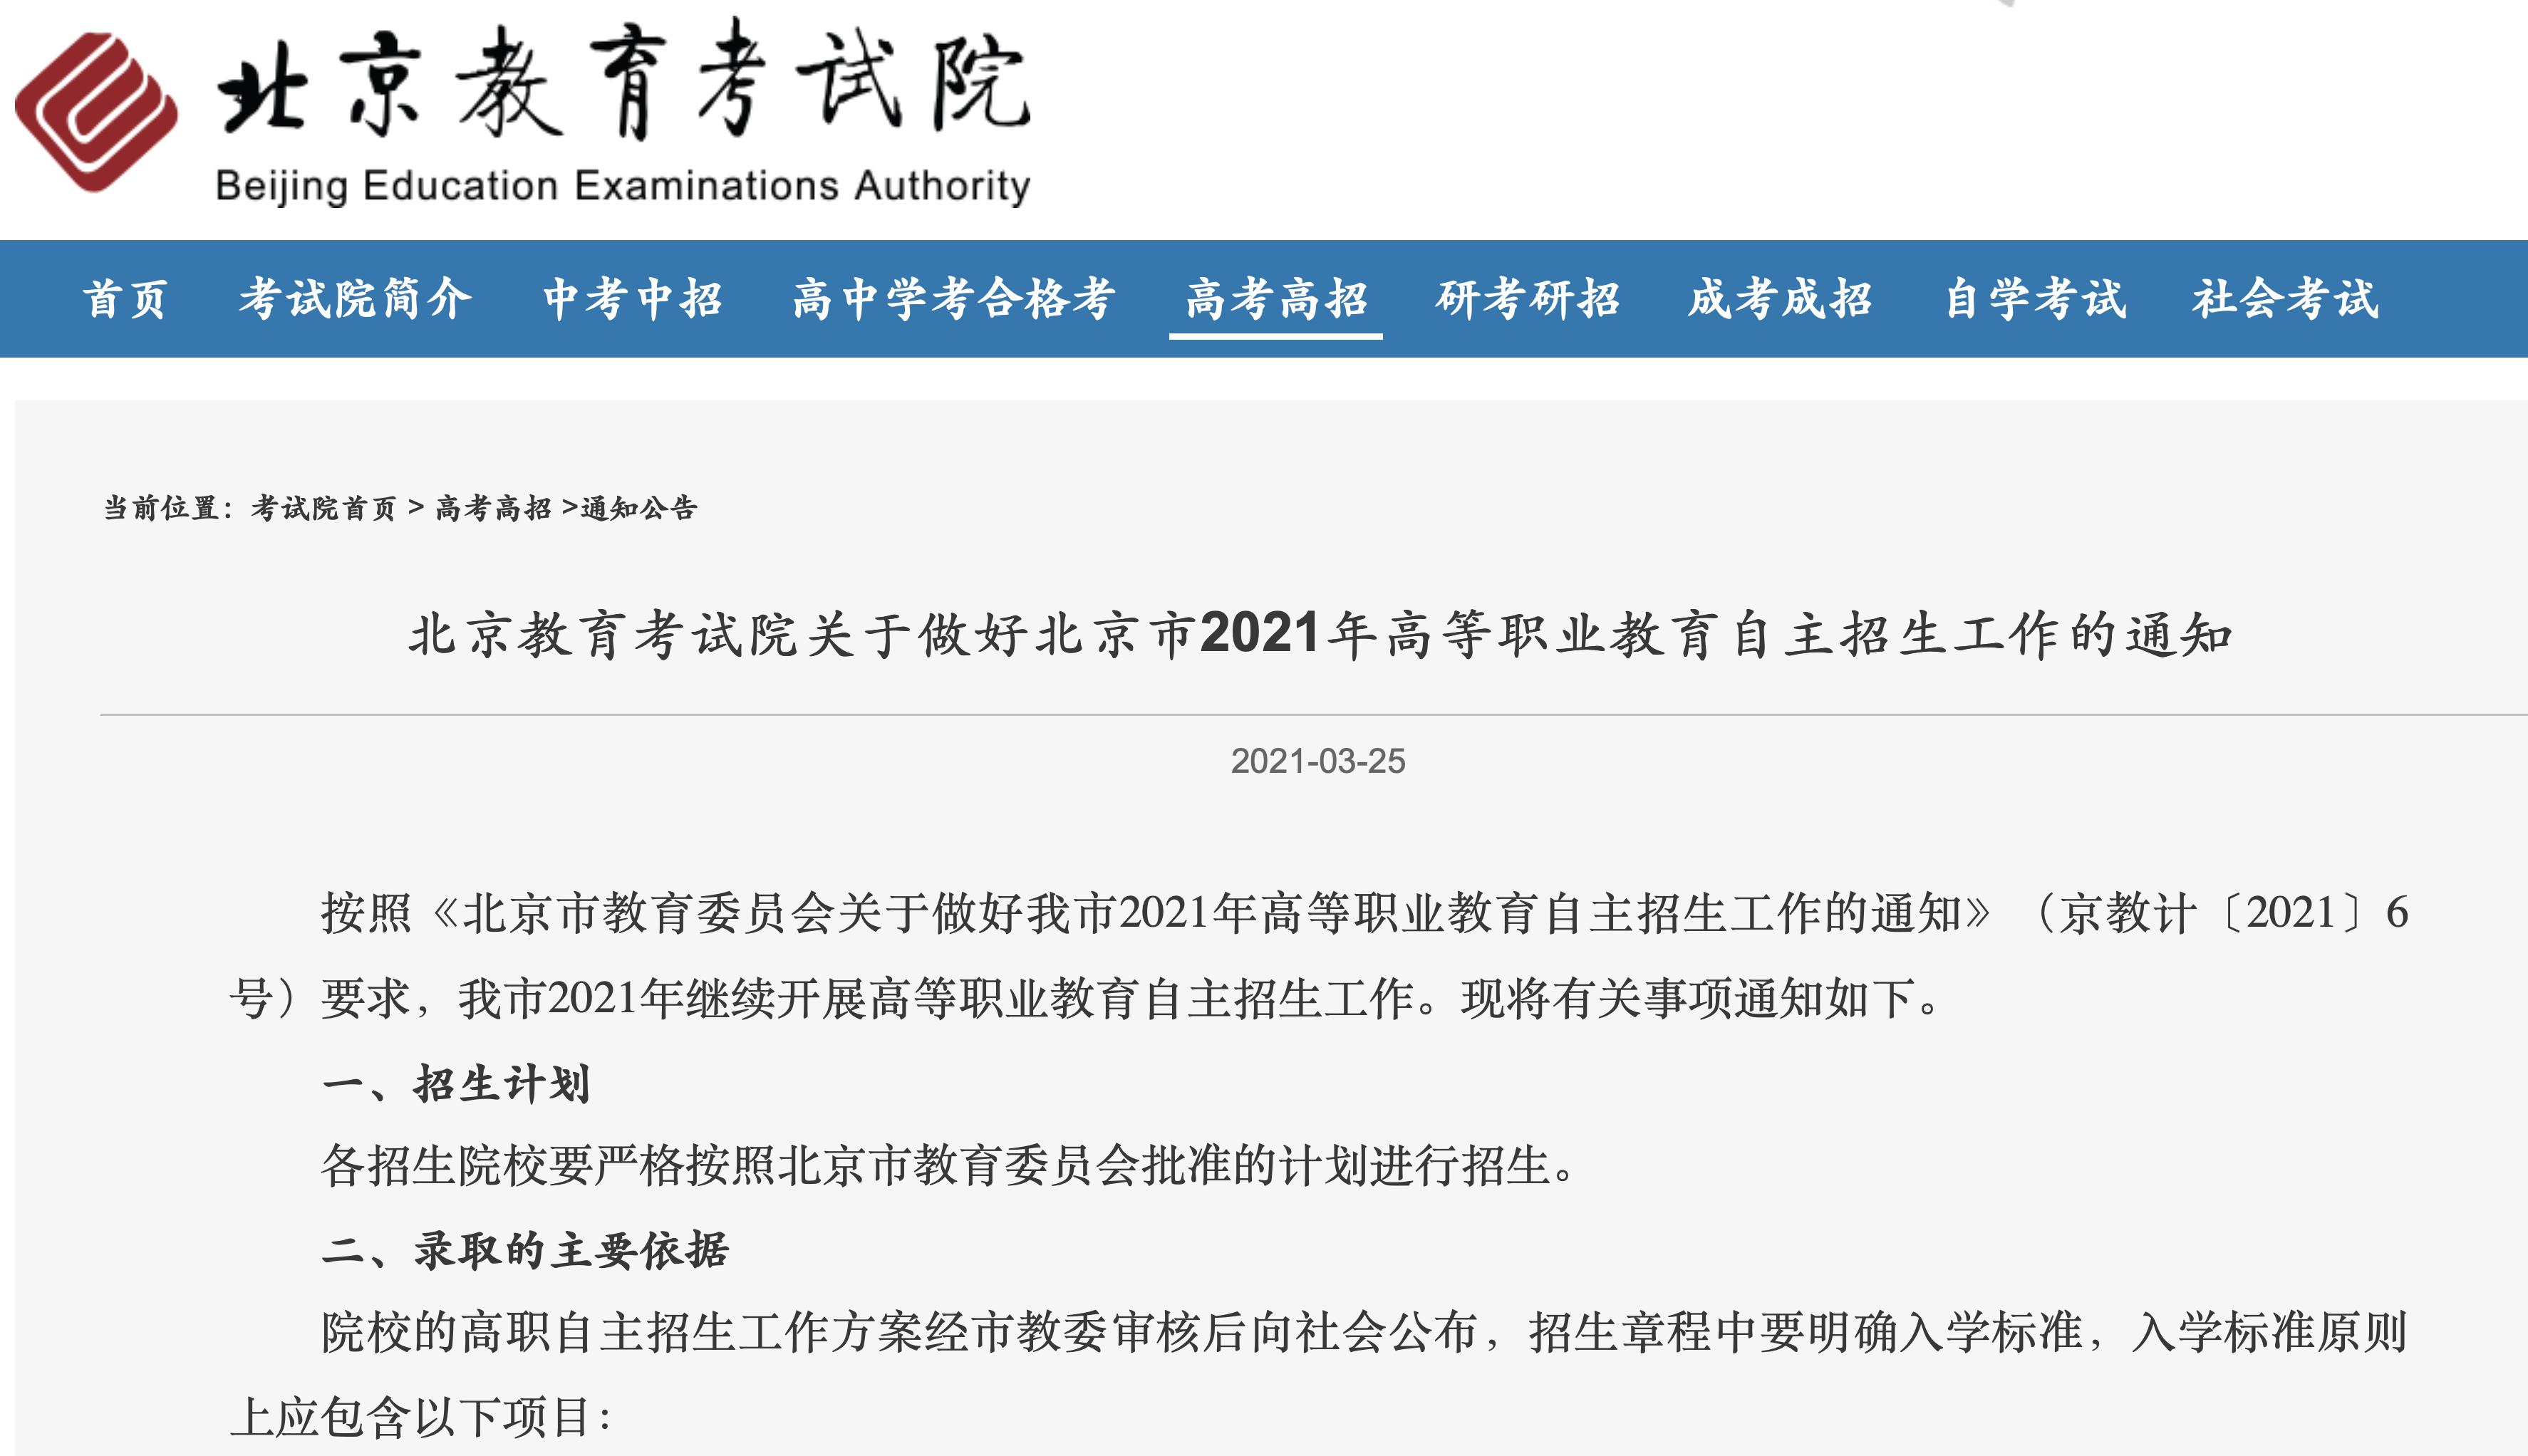 北京教育考试院关于做好北京市2021年高职自主招生工作的通知